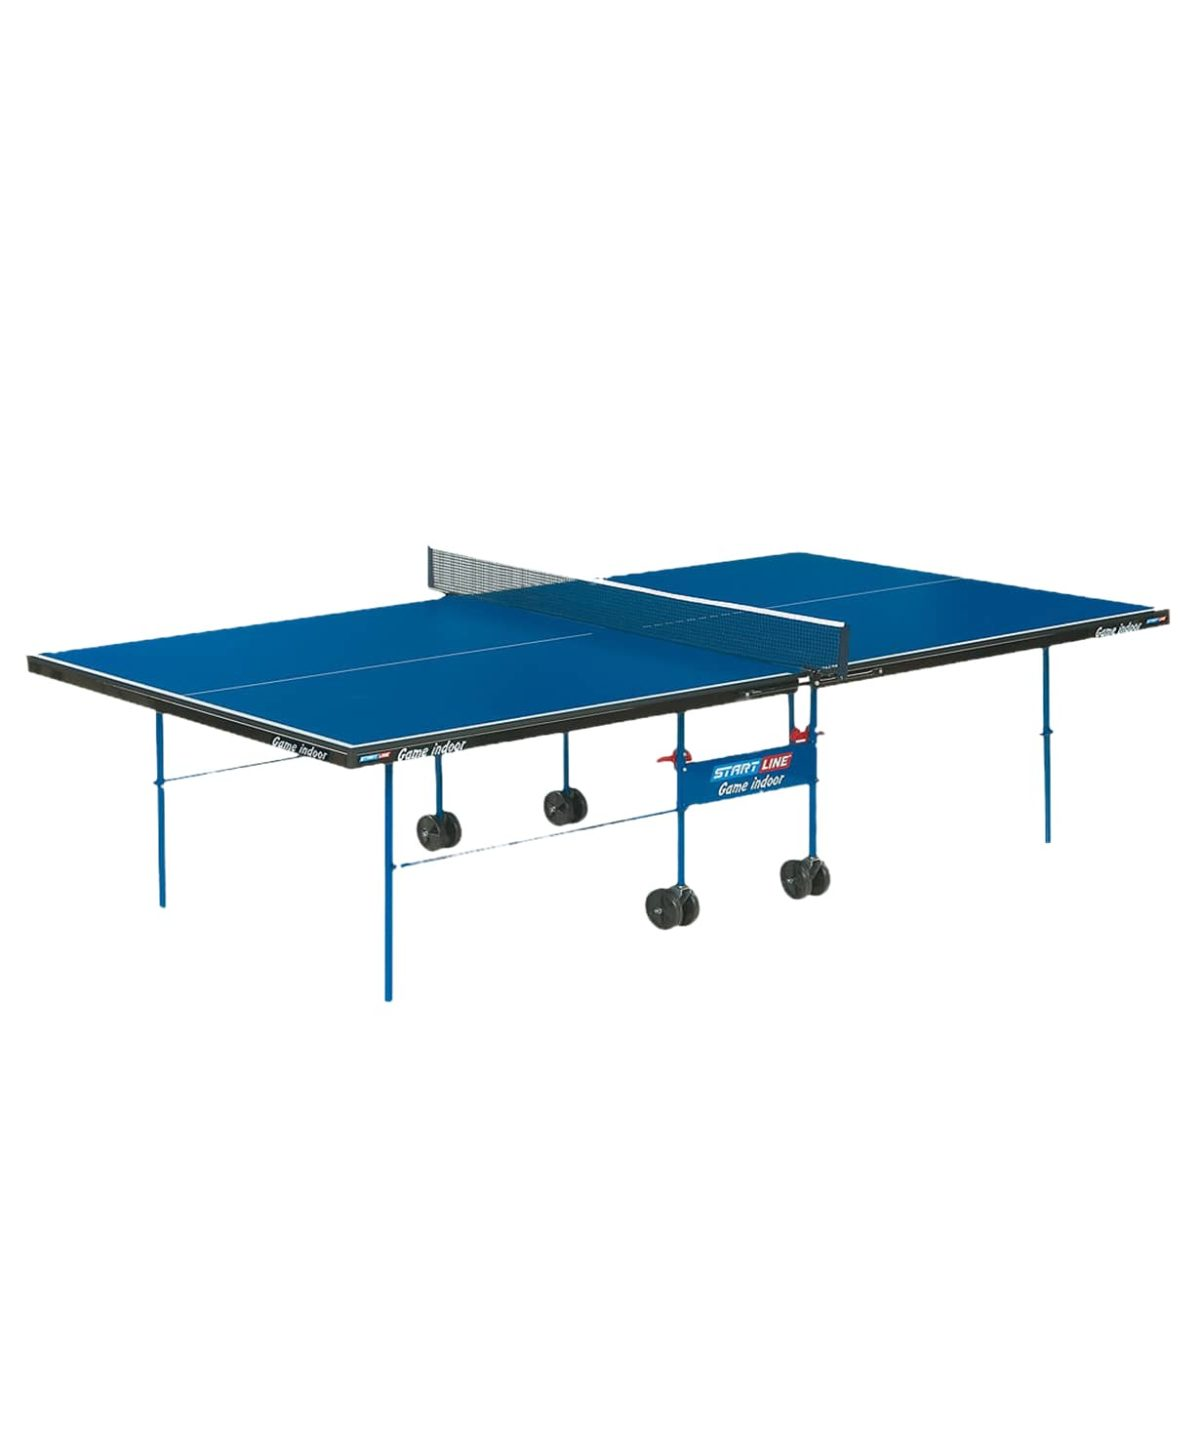 START LINE Game Indoor Cтол для настольного тенниса c сеткой  2374 - 1